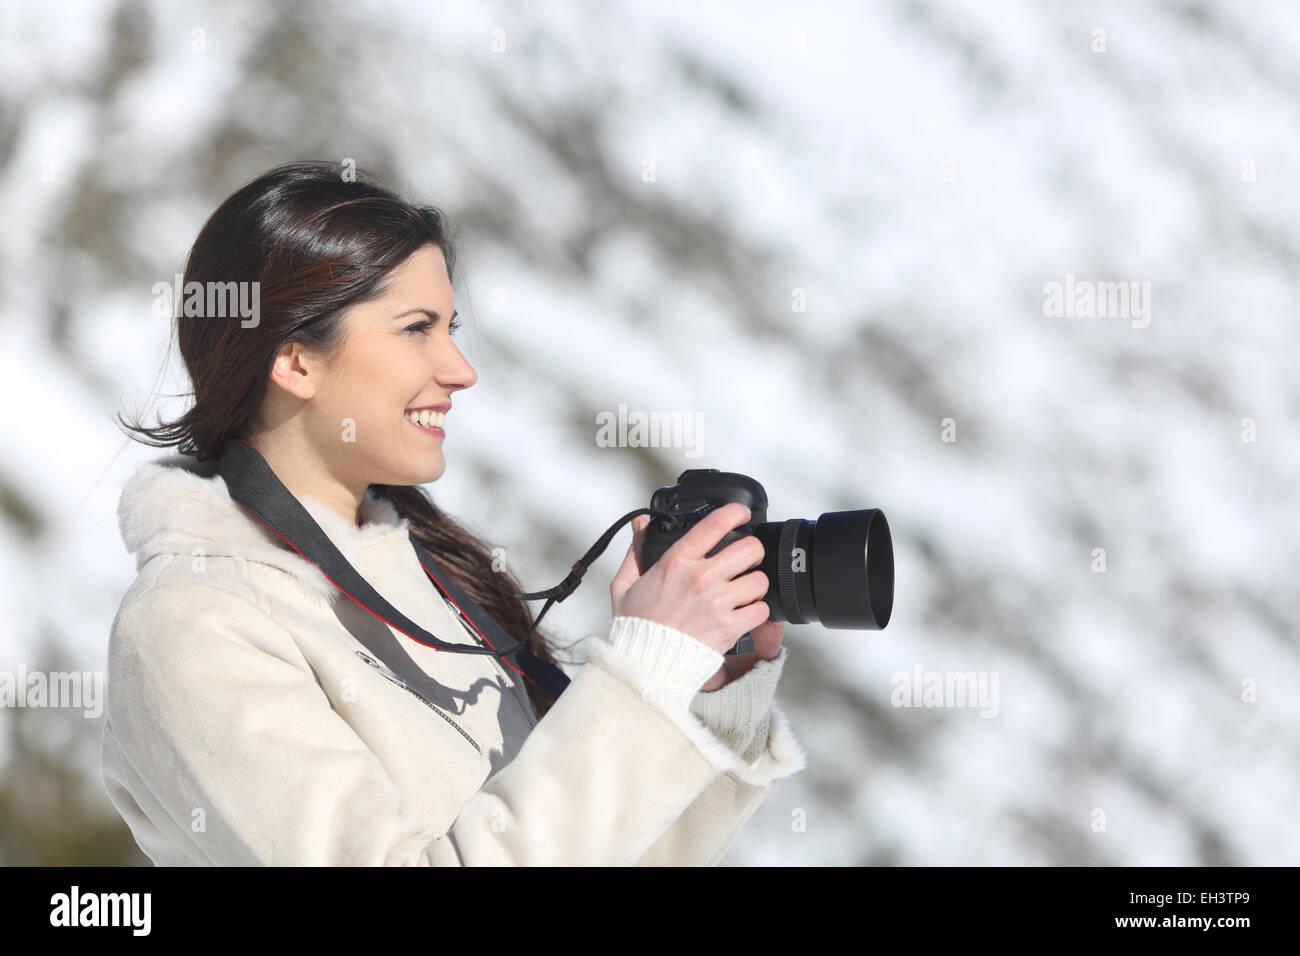 Femme tourisme photographier sur les vacances d'hiver, avec la montagne enneigée en arrière-plan Photo Stock